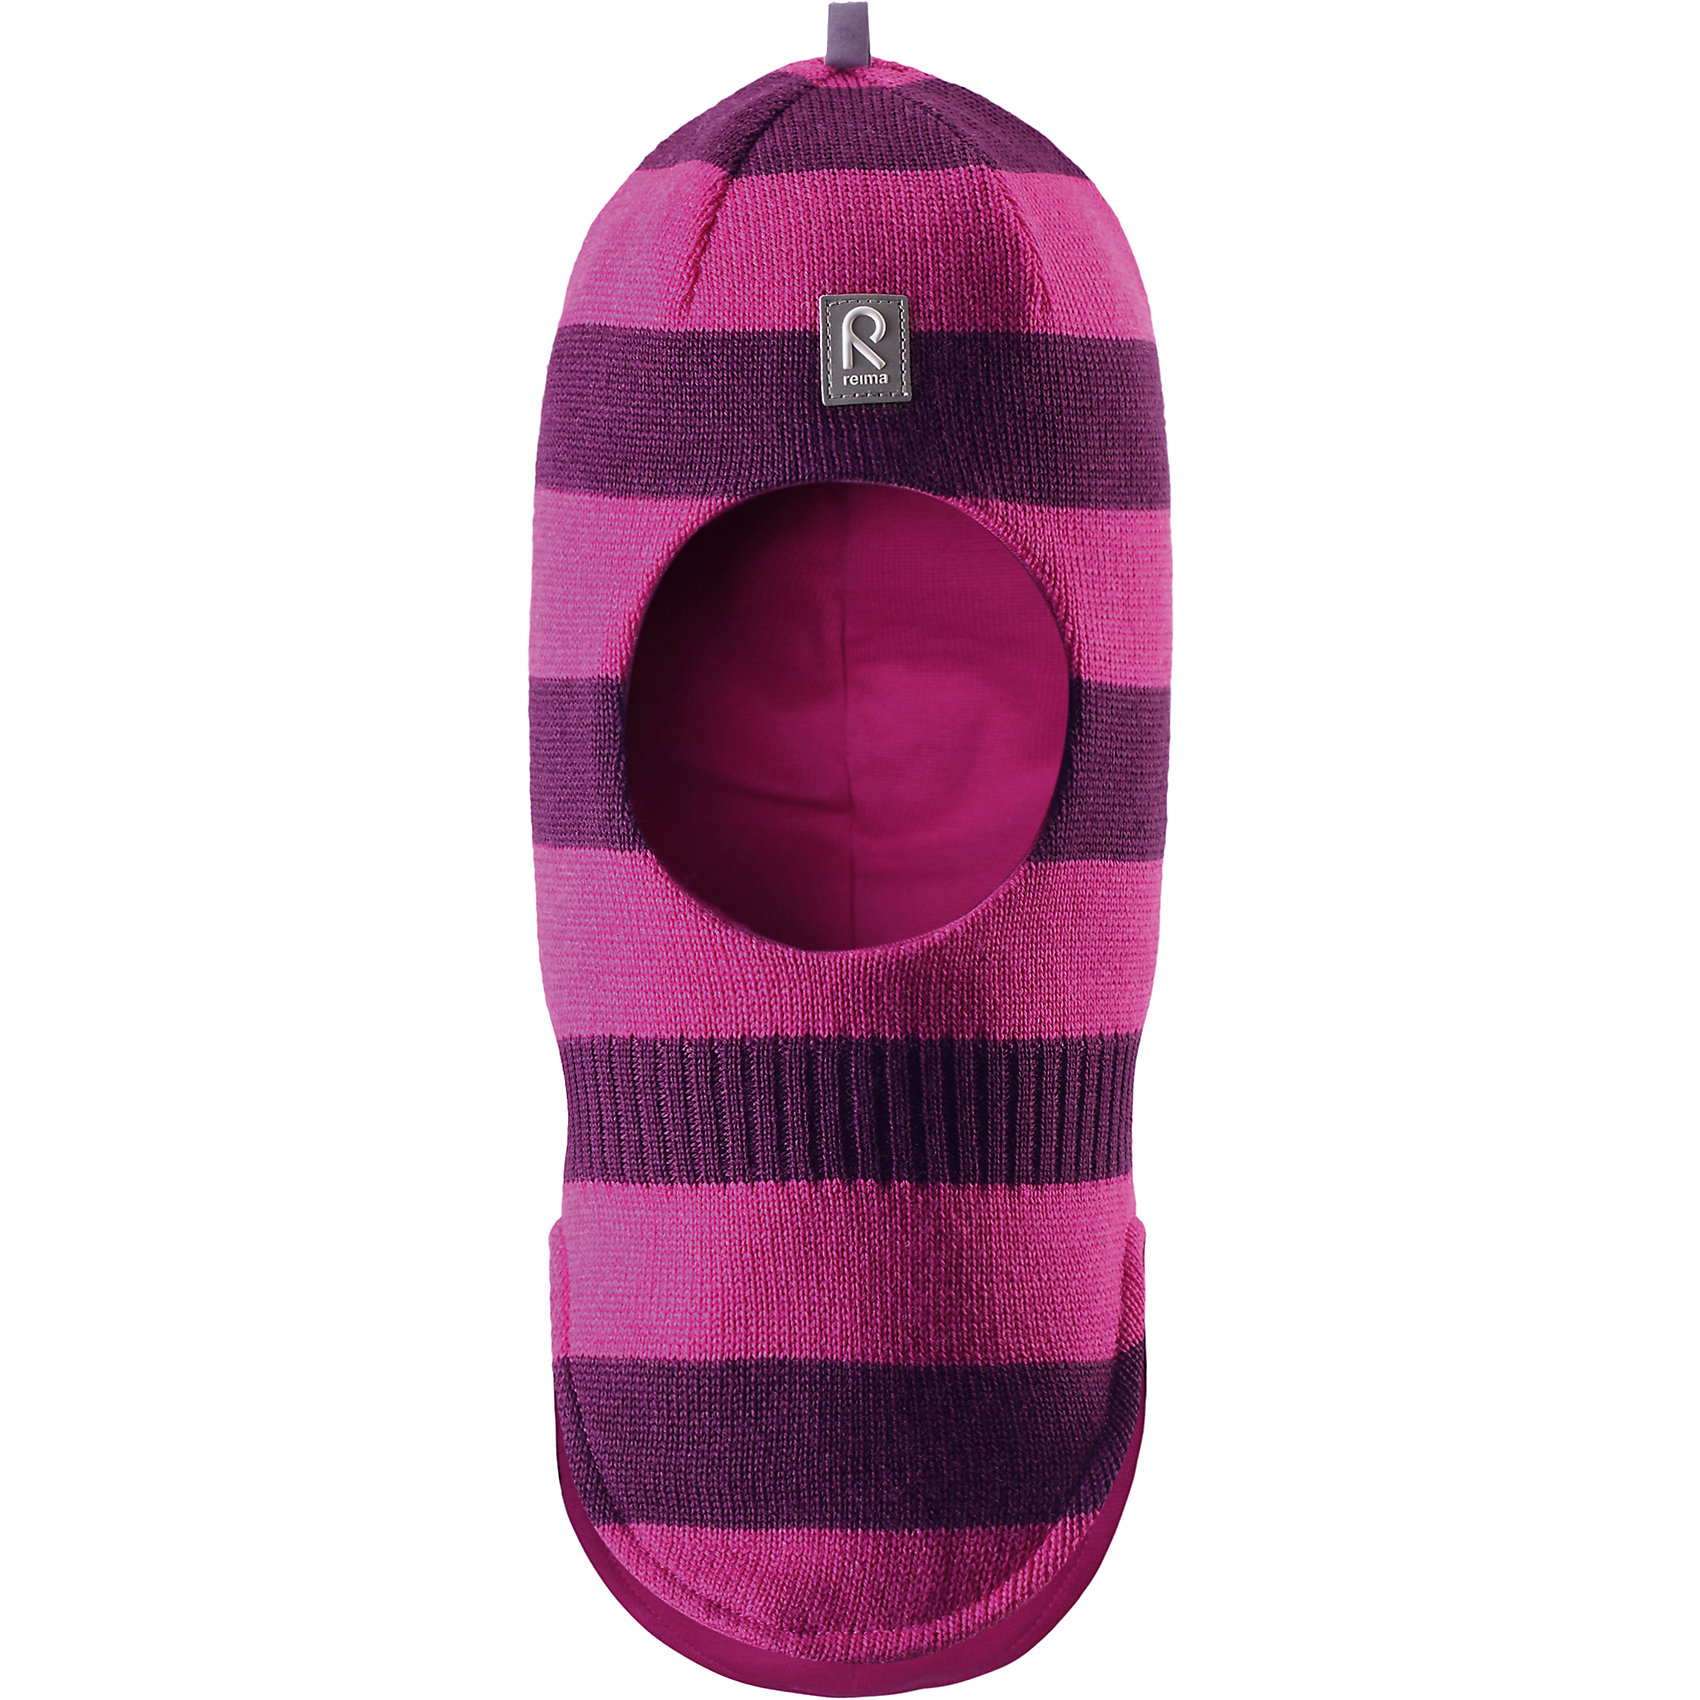 Шапка-шлем Starrie для девочки ReimaШапки и шарфы<br>Шапка  Reima<br>Шапка-шлем для малышей. Мягкая ткань из мериносовой шерсти для поддержания идеальной температуры тела. Теплая шерстяная вязка (волокно). Товар сертифицирован Oeko-Tex, класс 1, одежда для малышей. Ветронепроницаемые вставки в области ушей. Мягкая подкладка из хлопка и эластана. Светоотражающий элемент спереди.<br>Уход:<br>Стирать по отдельности, вывернув наизнанку. Придать первоначальную форму вo влажном виде. Возможна усадка 5 %.<br>Состав:<br>100% Шерсть<br><br>Ширина мм: 89<br>Глубина мм: 117<br>Высота мм: 44<br>Вес г: 155<br>Цвет: фиолетово-розовый<br>Возраст от месяцев: 9<br>Возраст до месяцев: 18<br>Пол: Женский<br>Возраст: Детский<br>Размер: 48,54,52,46,50<br>SKU: 4775714